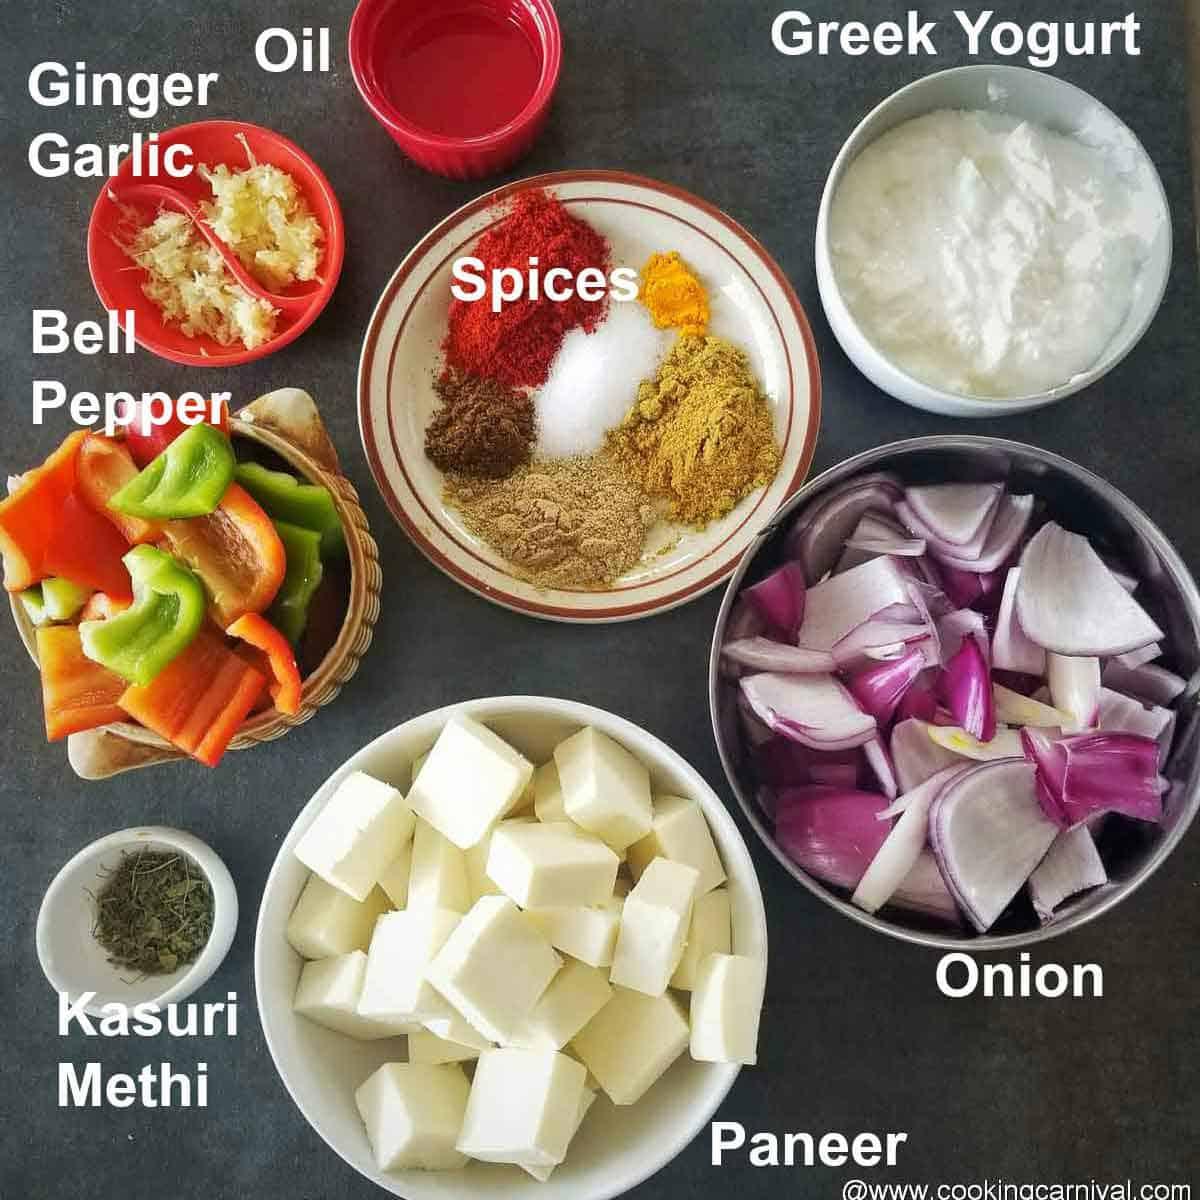 Pre-measure ingredients